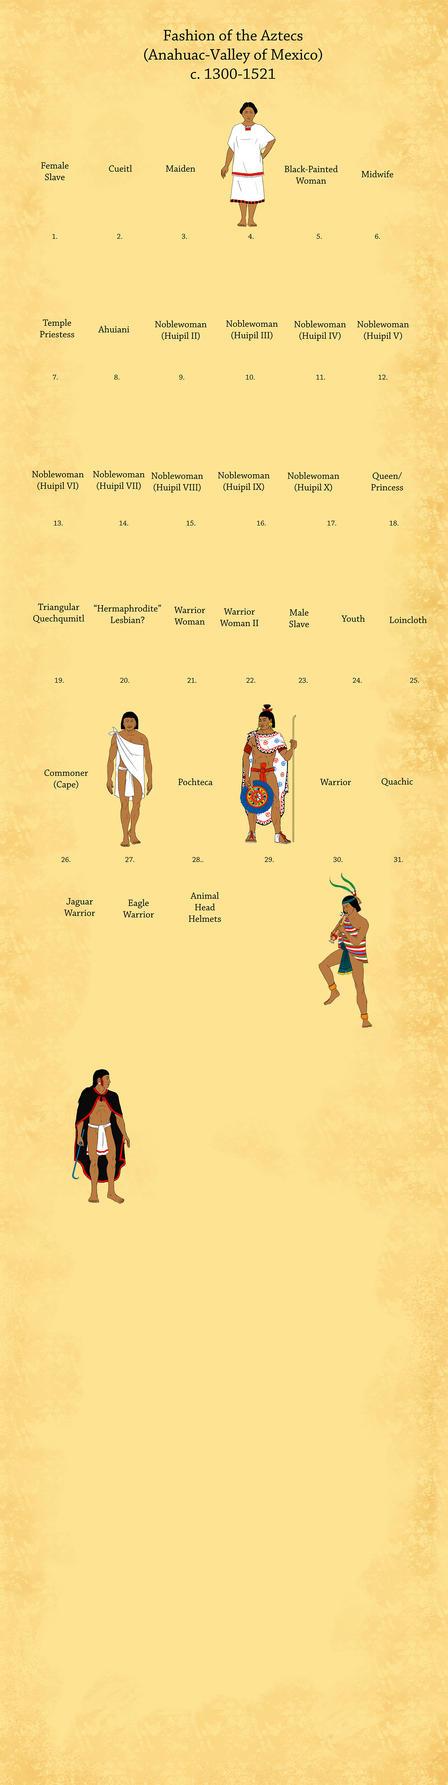 Aztec Postclassic Fashion WIP by Kamazotz